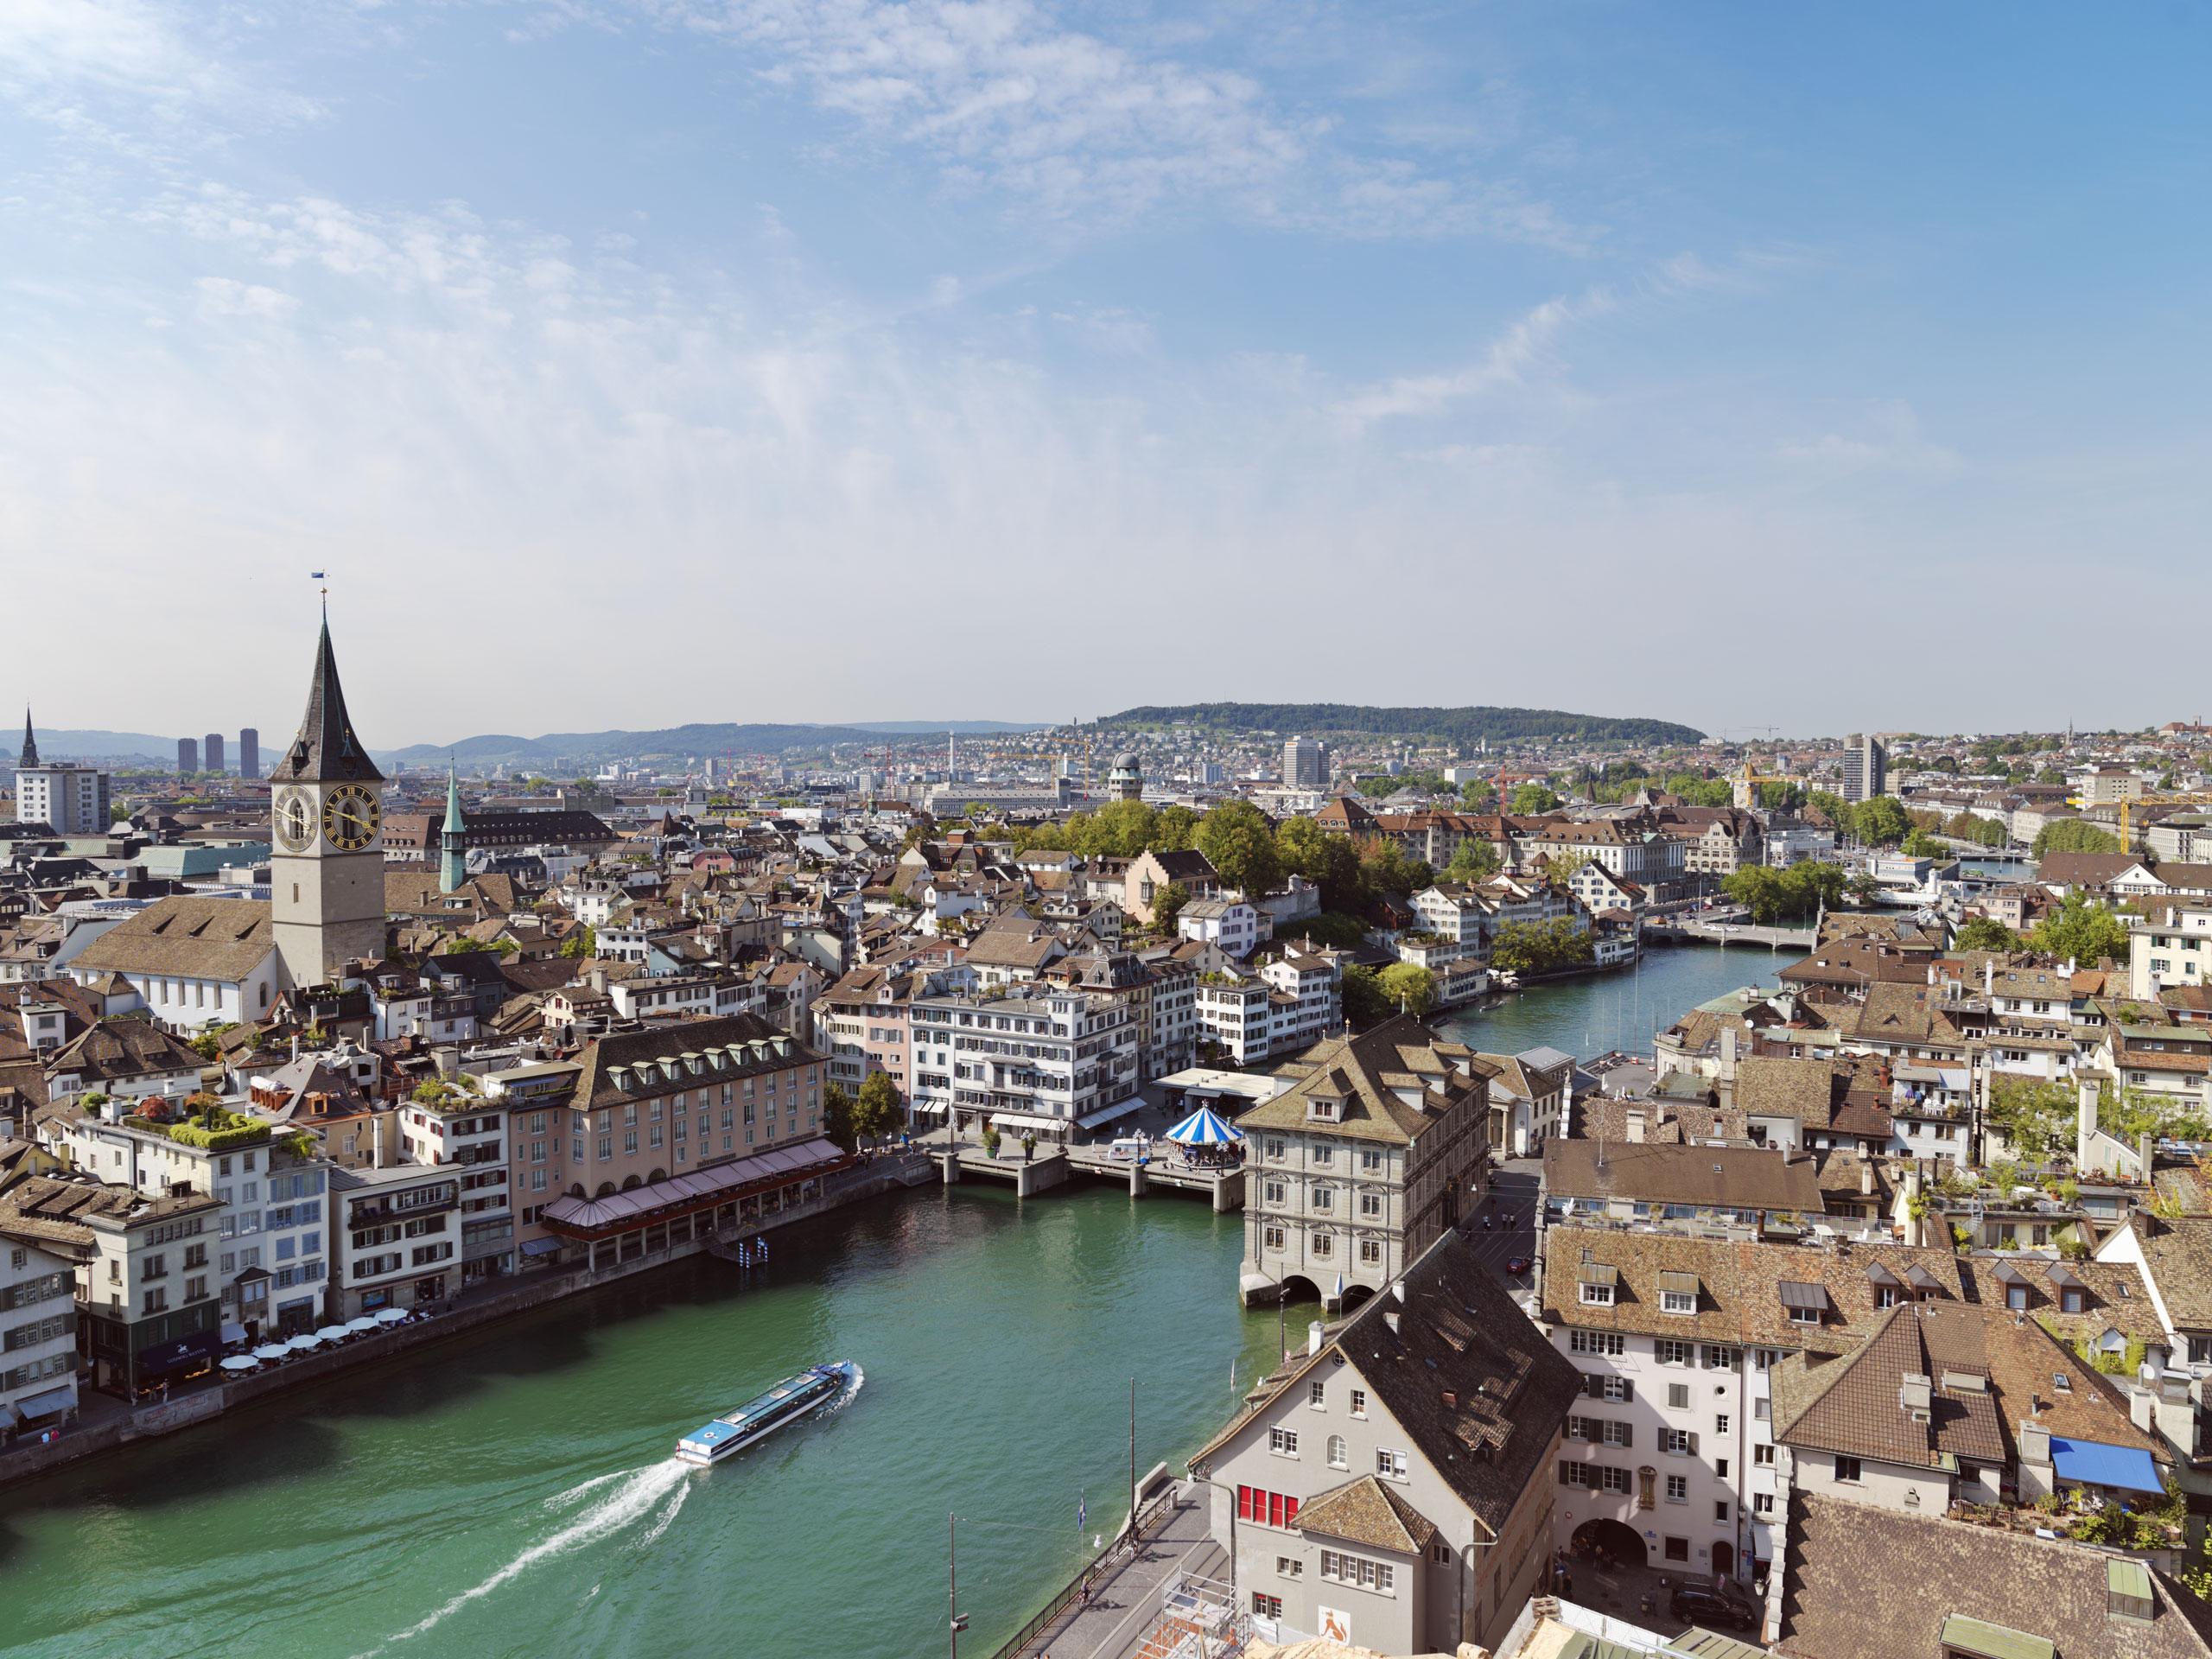 <strong>4. Zurich, Switzerland</strong>